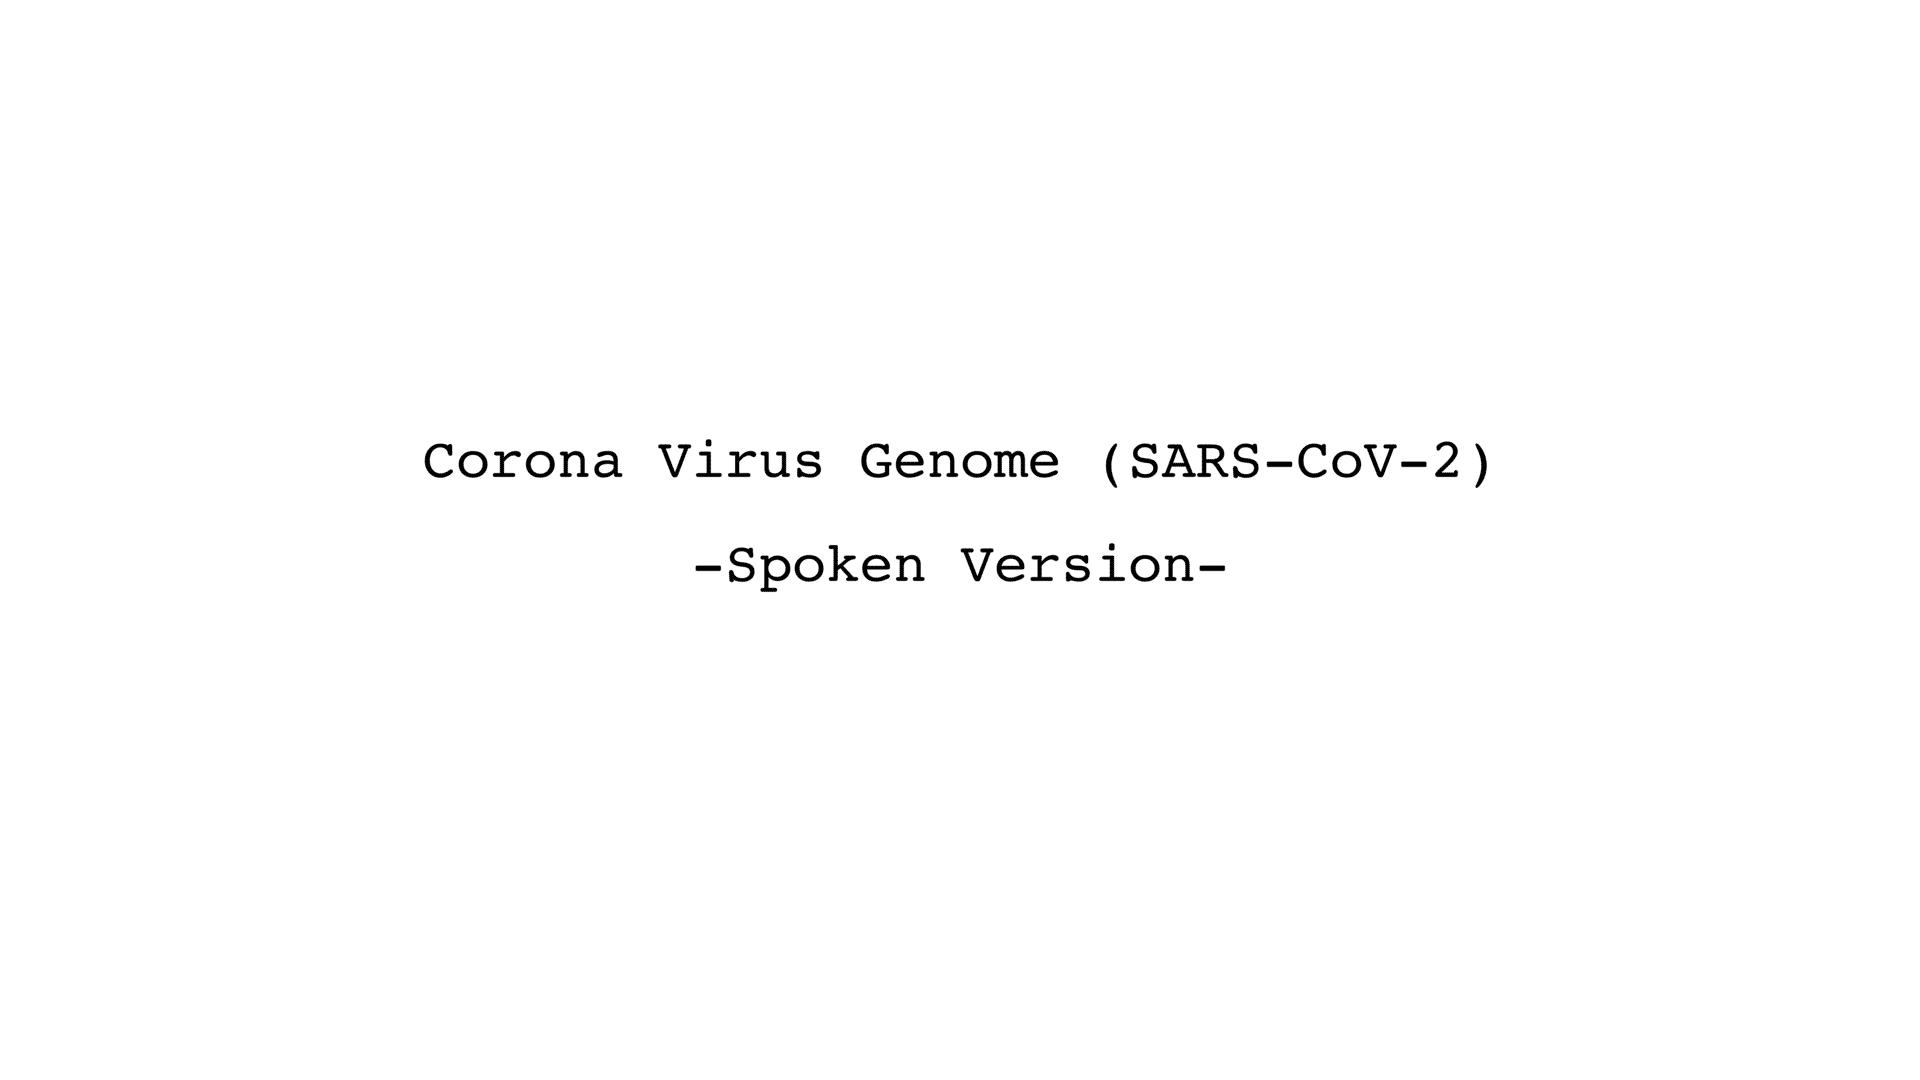 Corona Virus Genome – Spoken Version